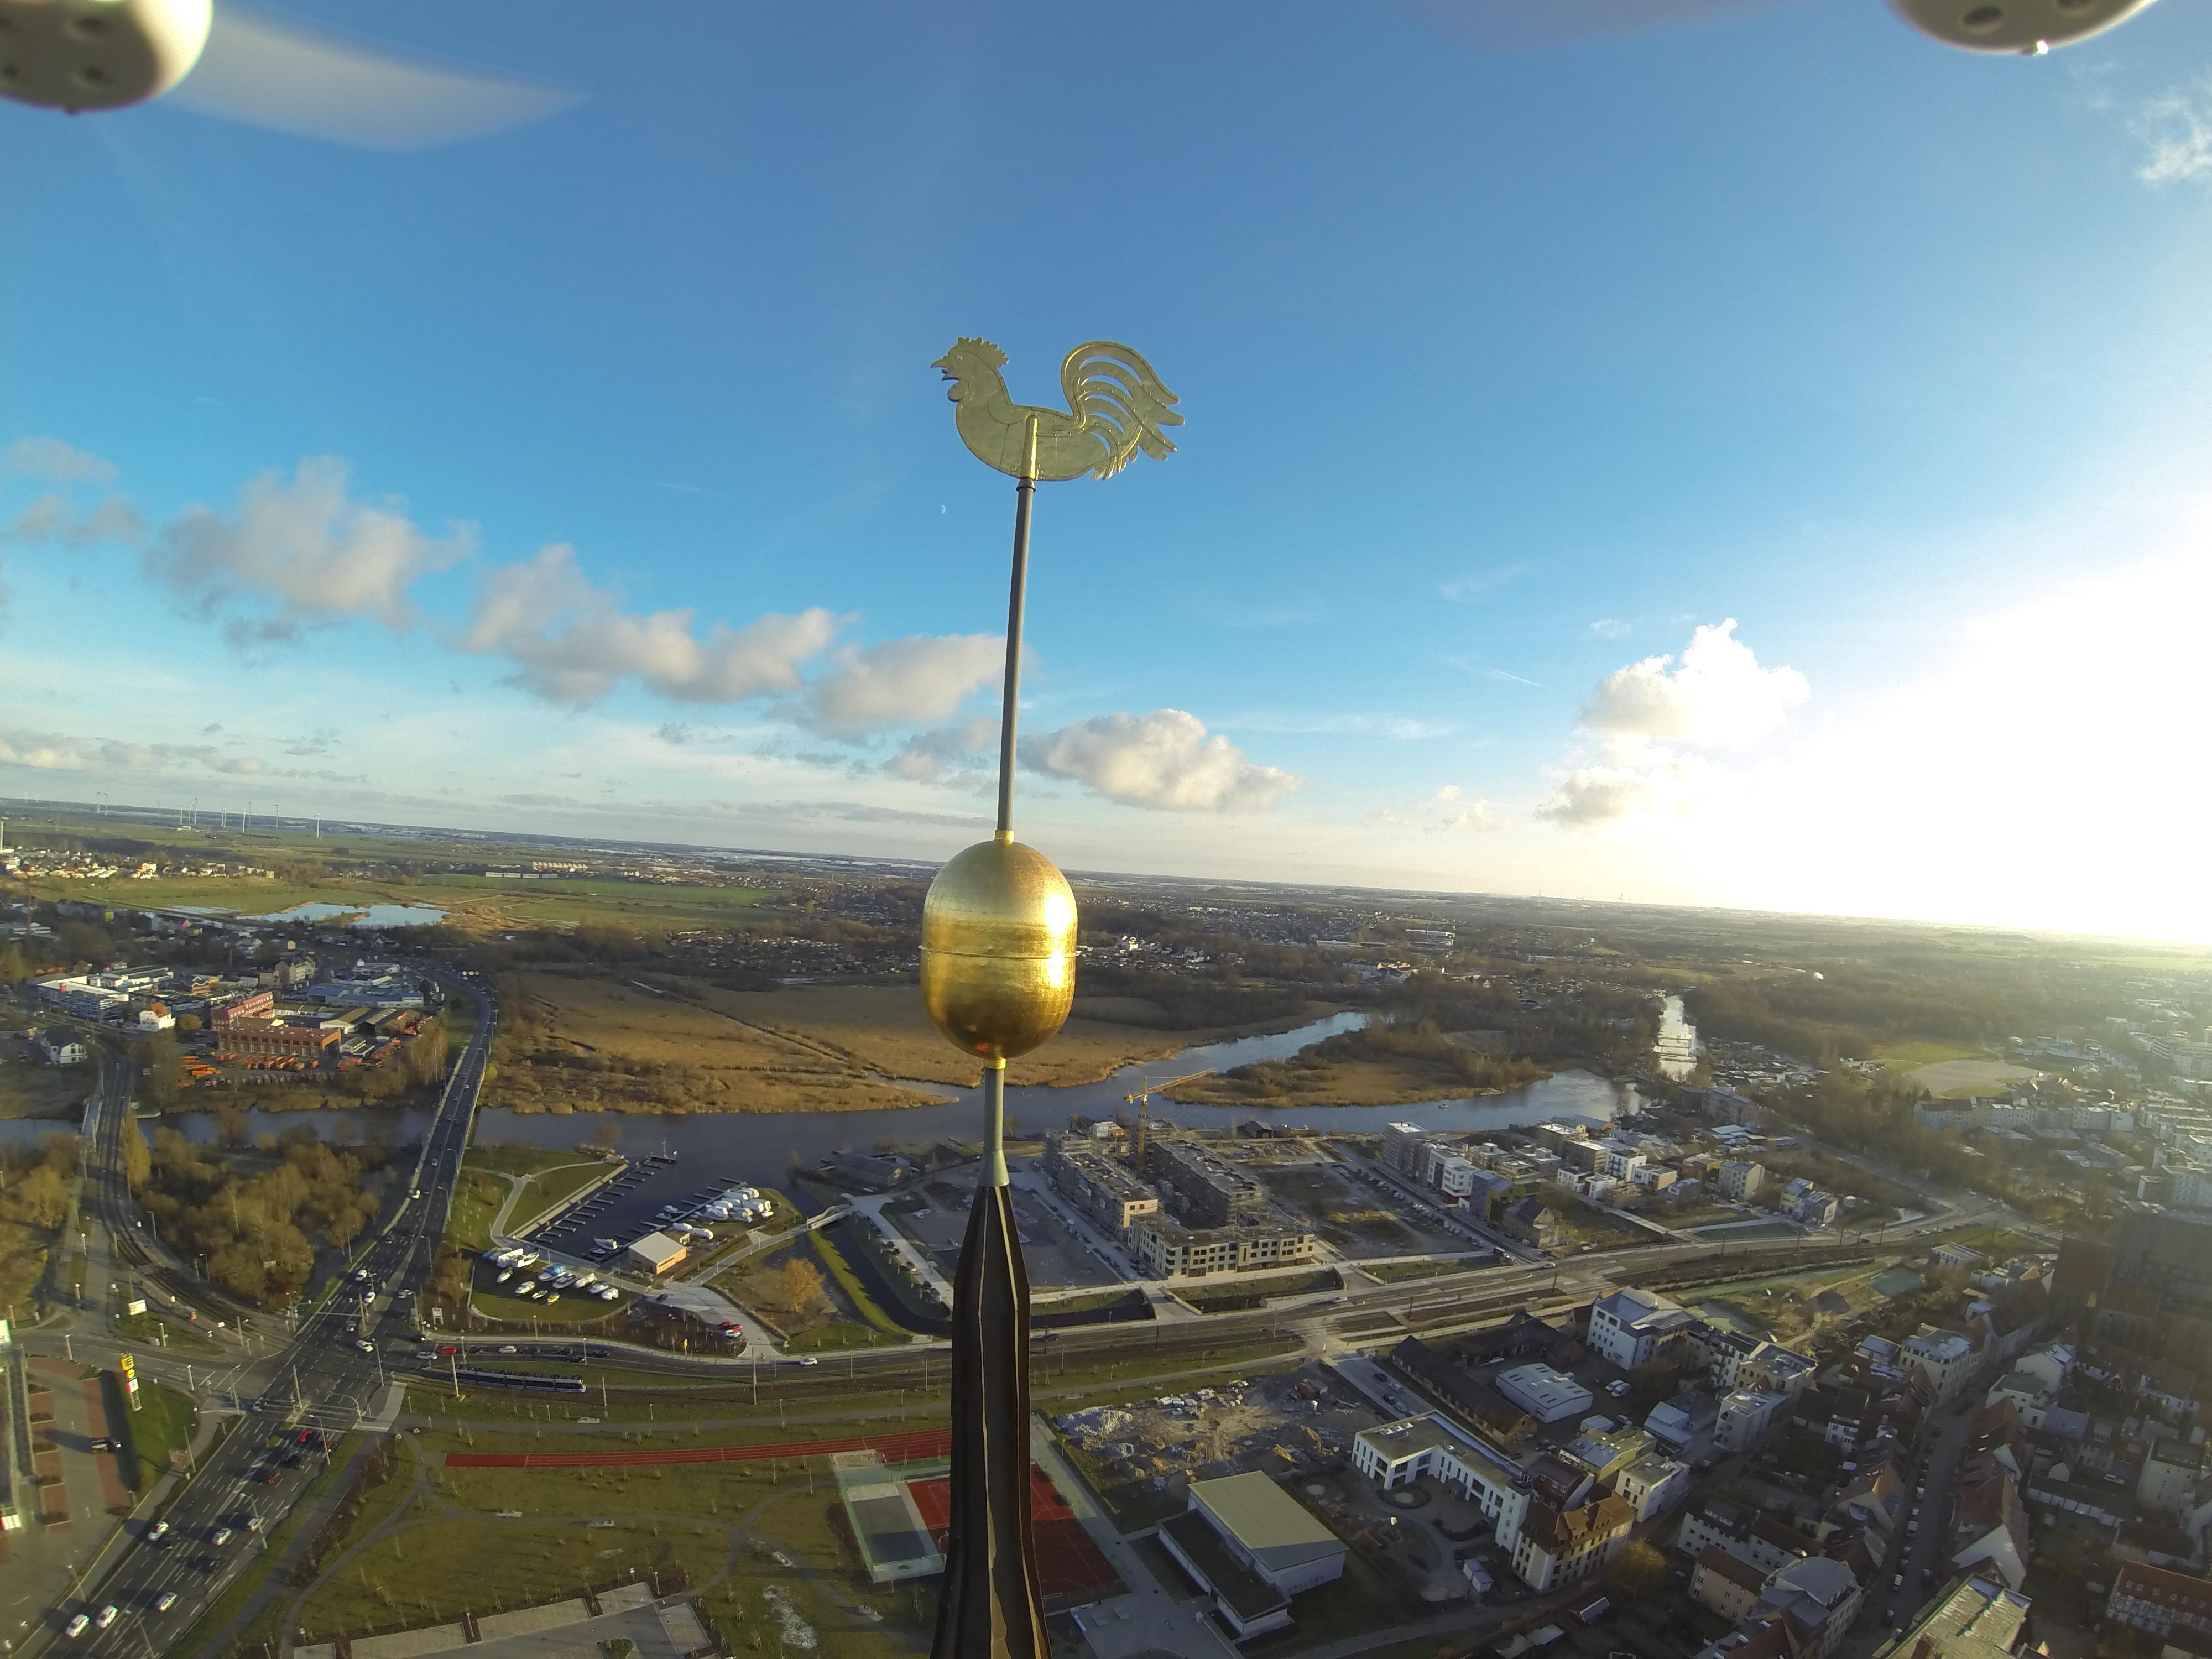 Turmkugel mit Wetterhahn